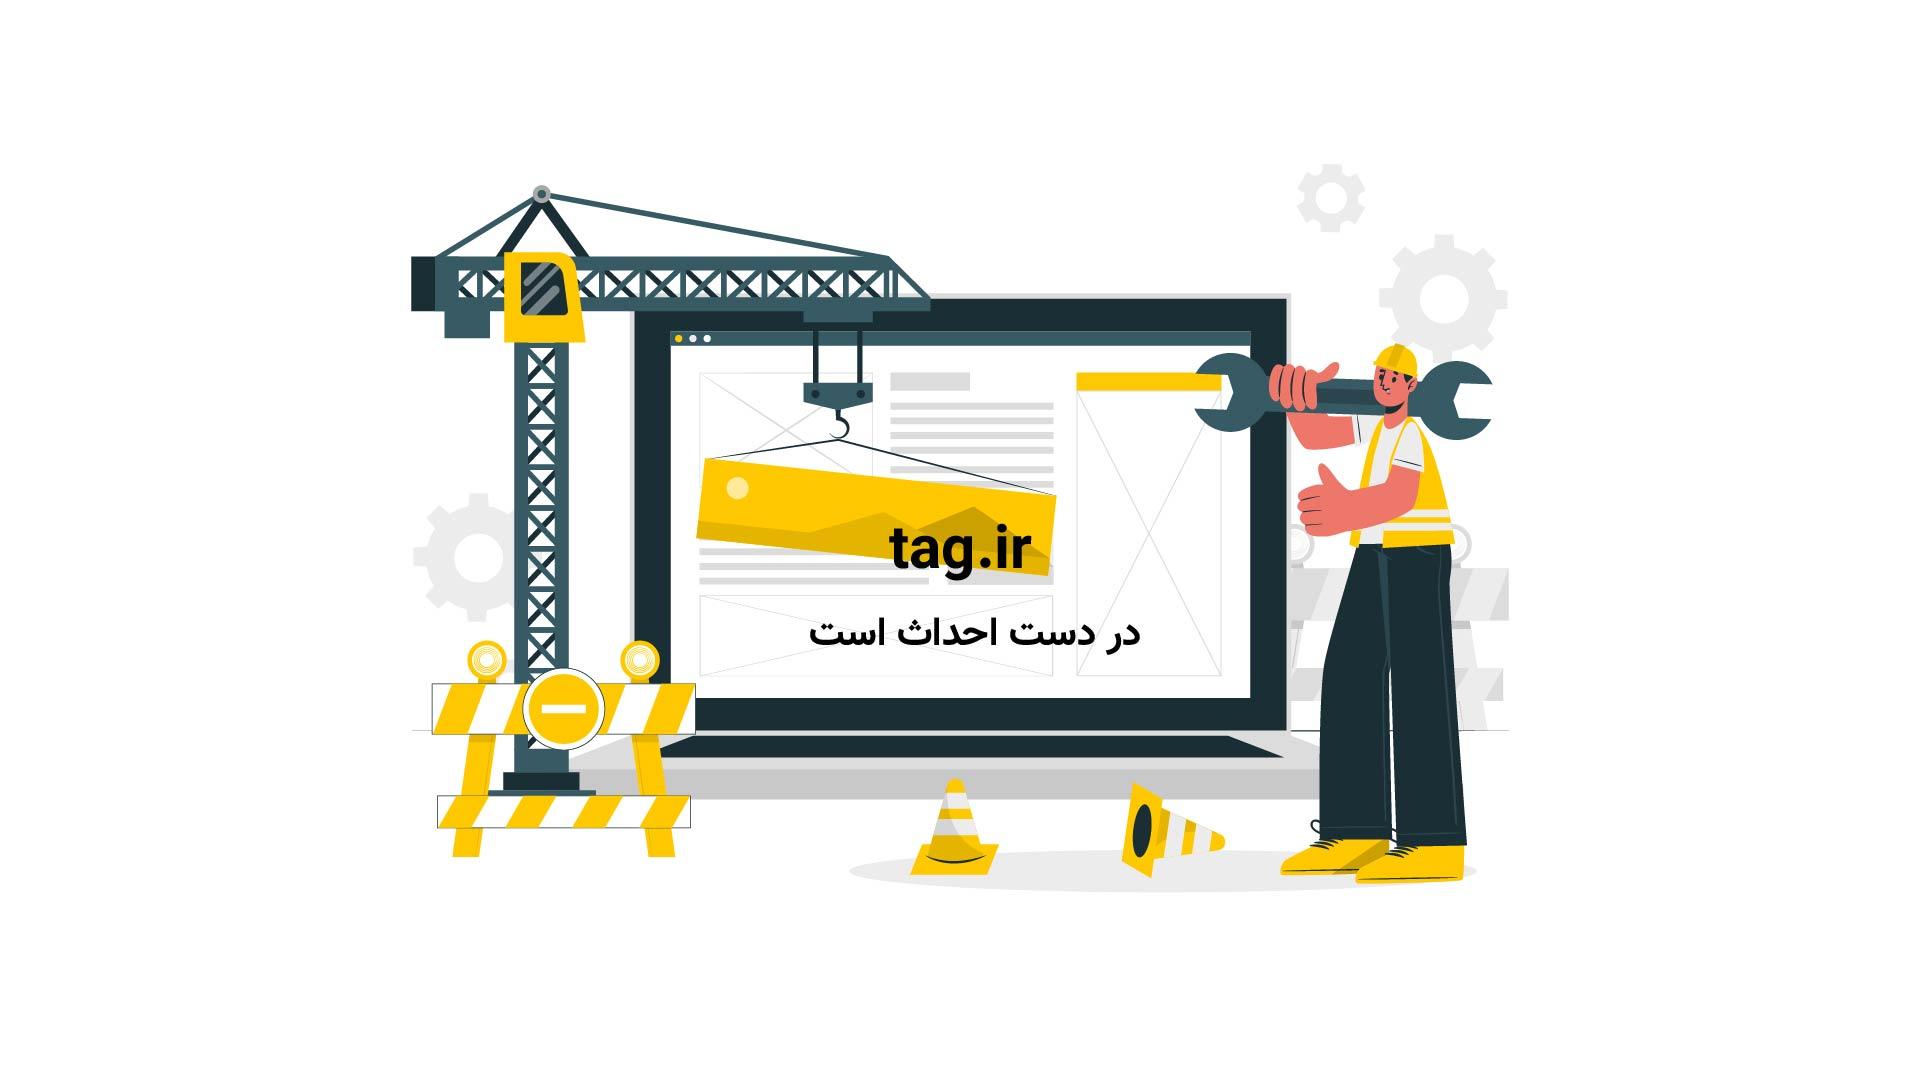 نمایشگاه قرآن | تگ